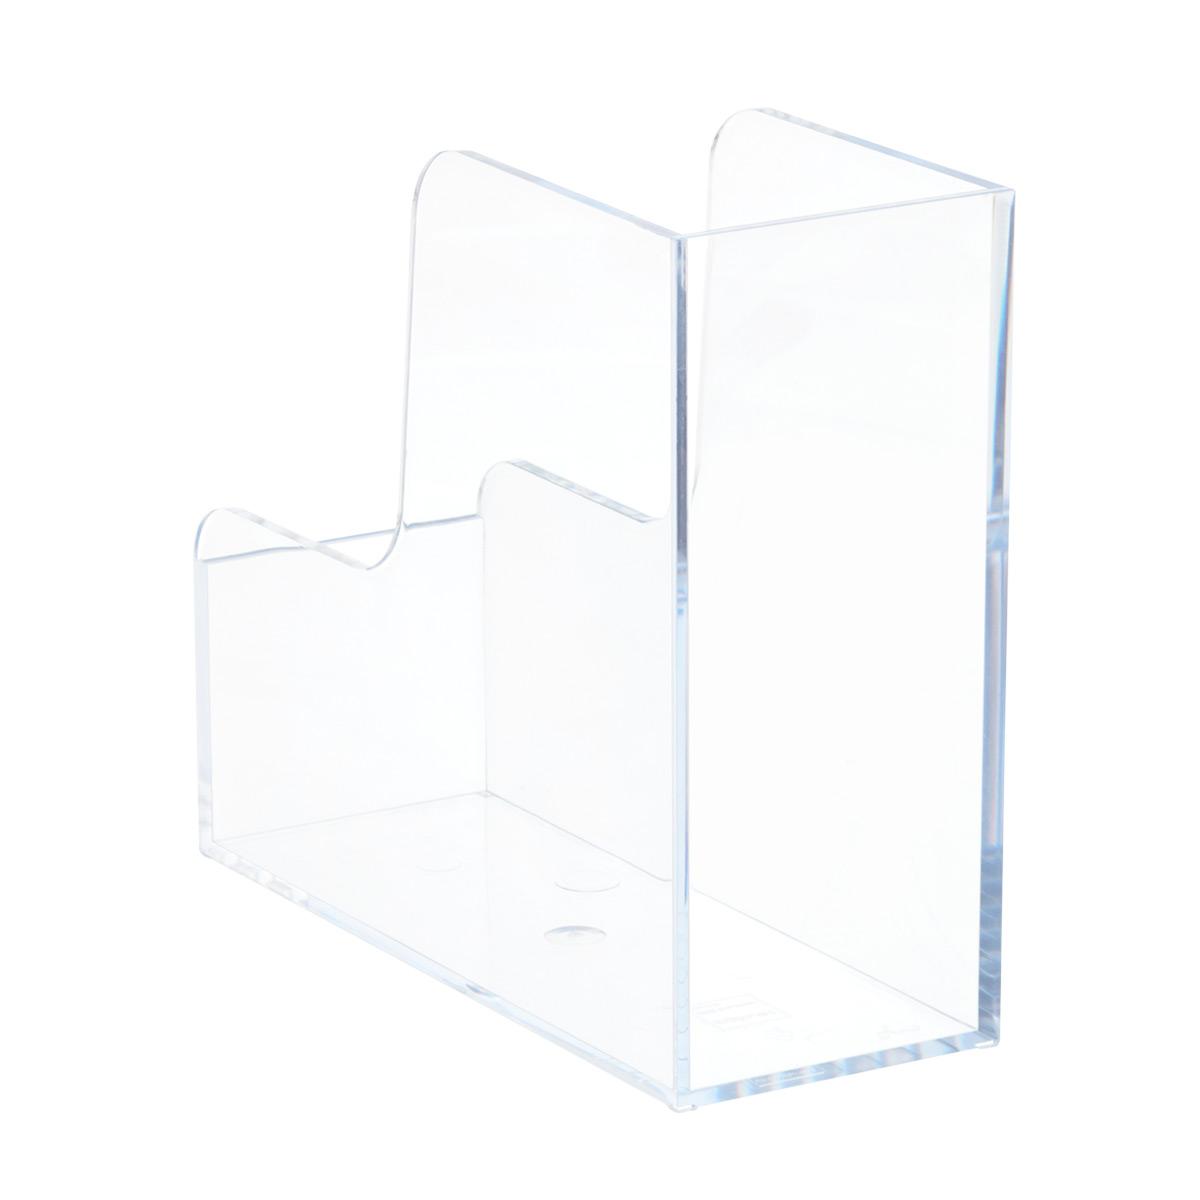 palaset clear magazine holder